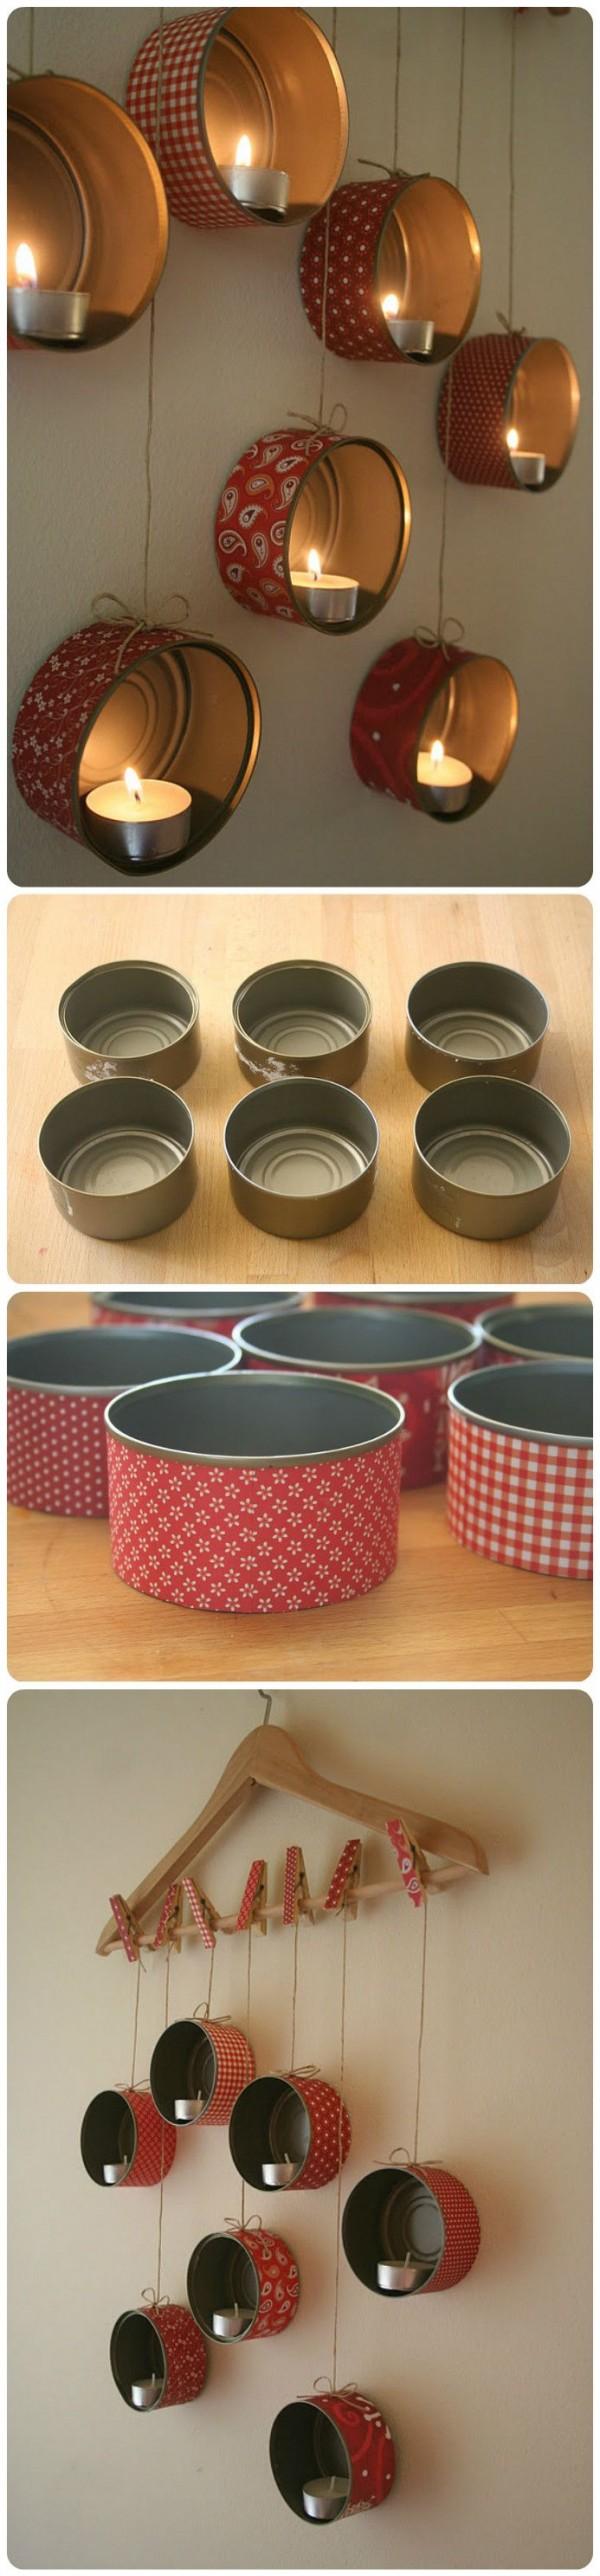 13 diy tin cans into adorable decor ideas - Diy tin can ideas ...